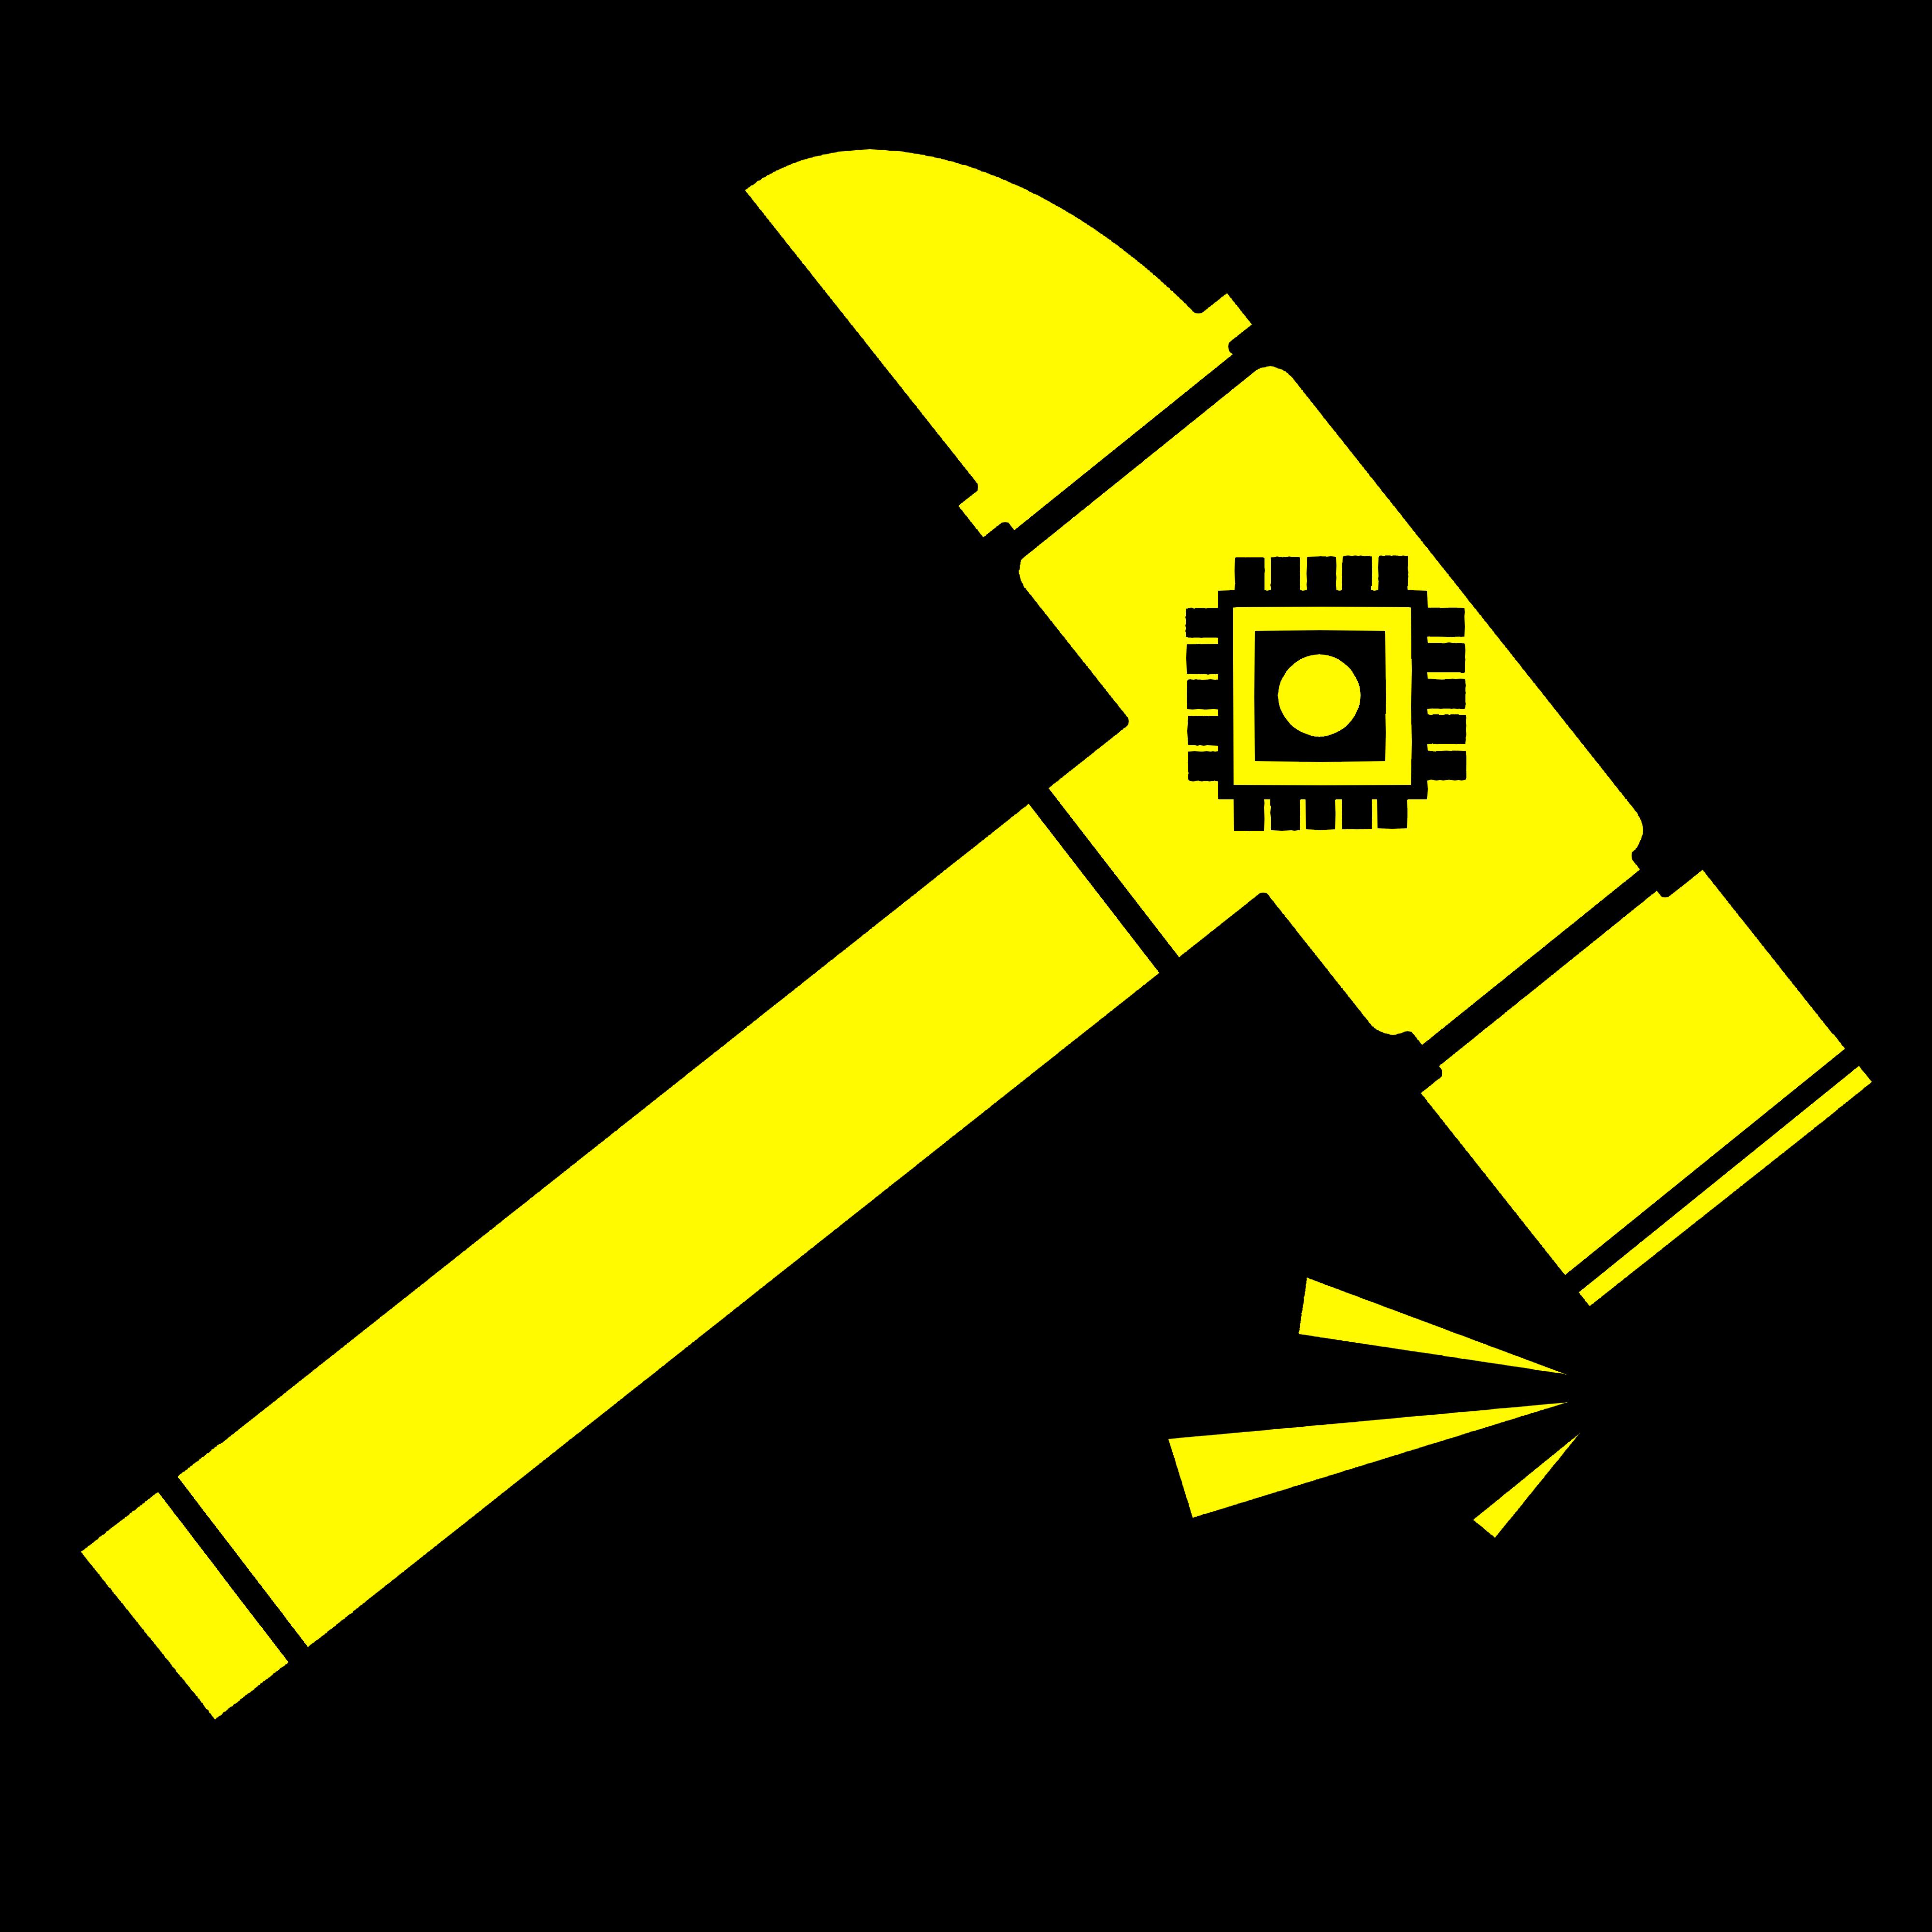 👨 Керівник: ГУРТОК Робототехнічної інженерії